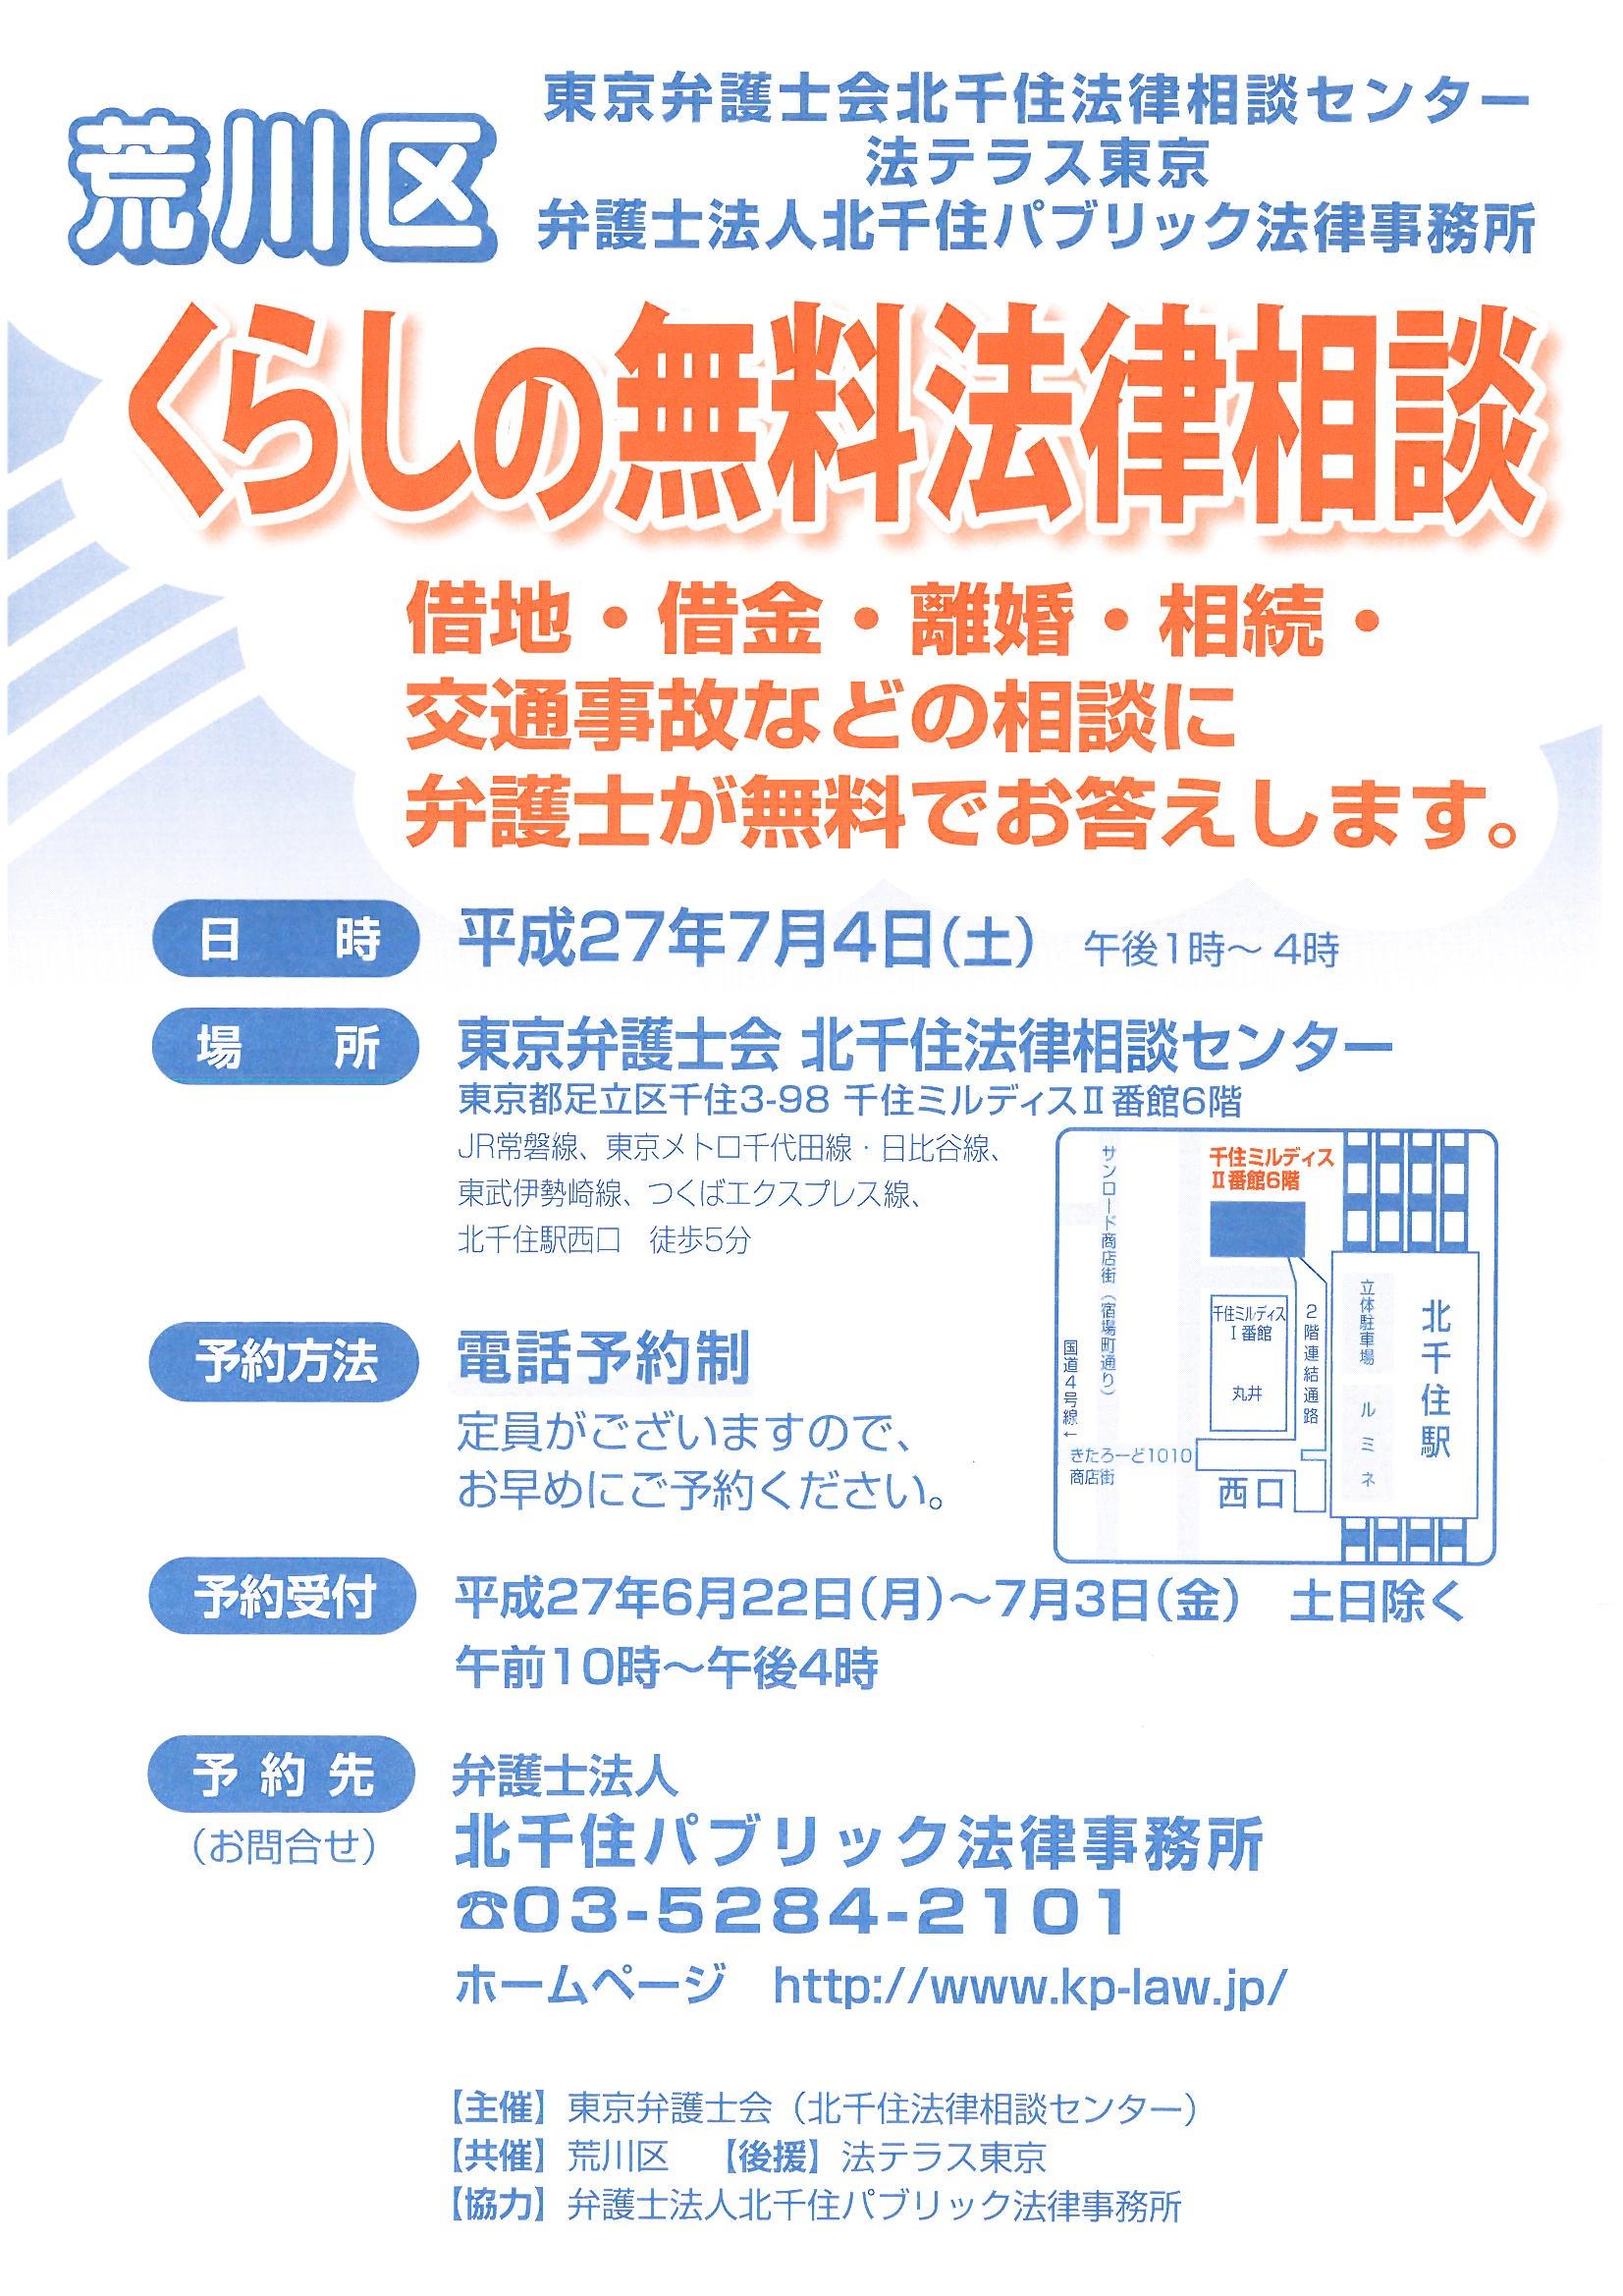 無料法律相談チラシ.jpg